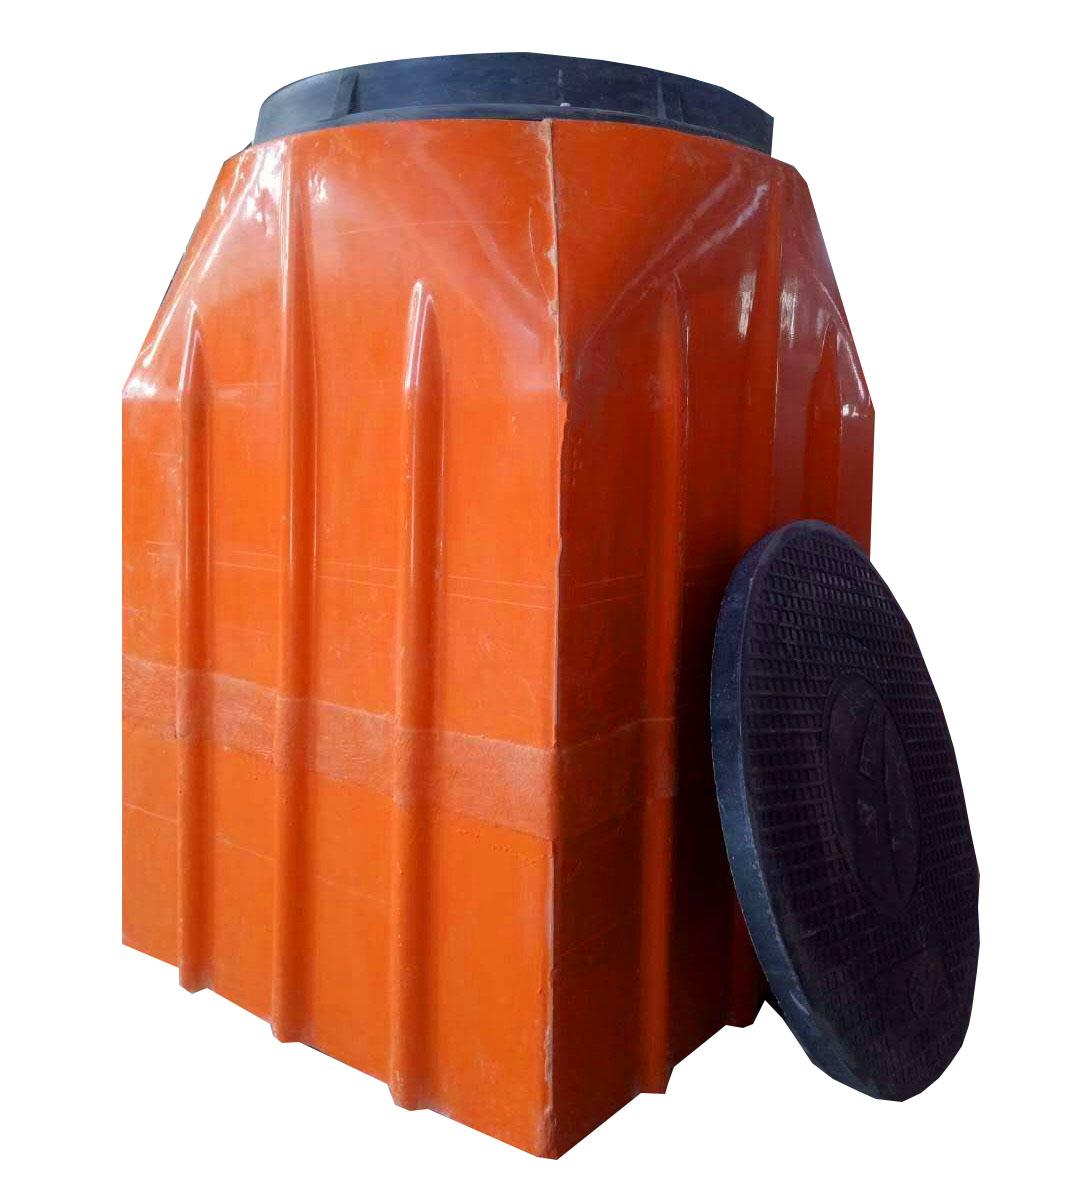 地埋成品手孔室外管线接头用树脂检查井方便快捷